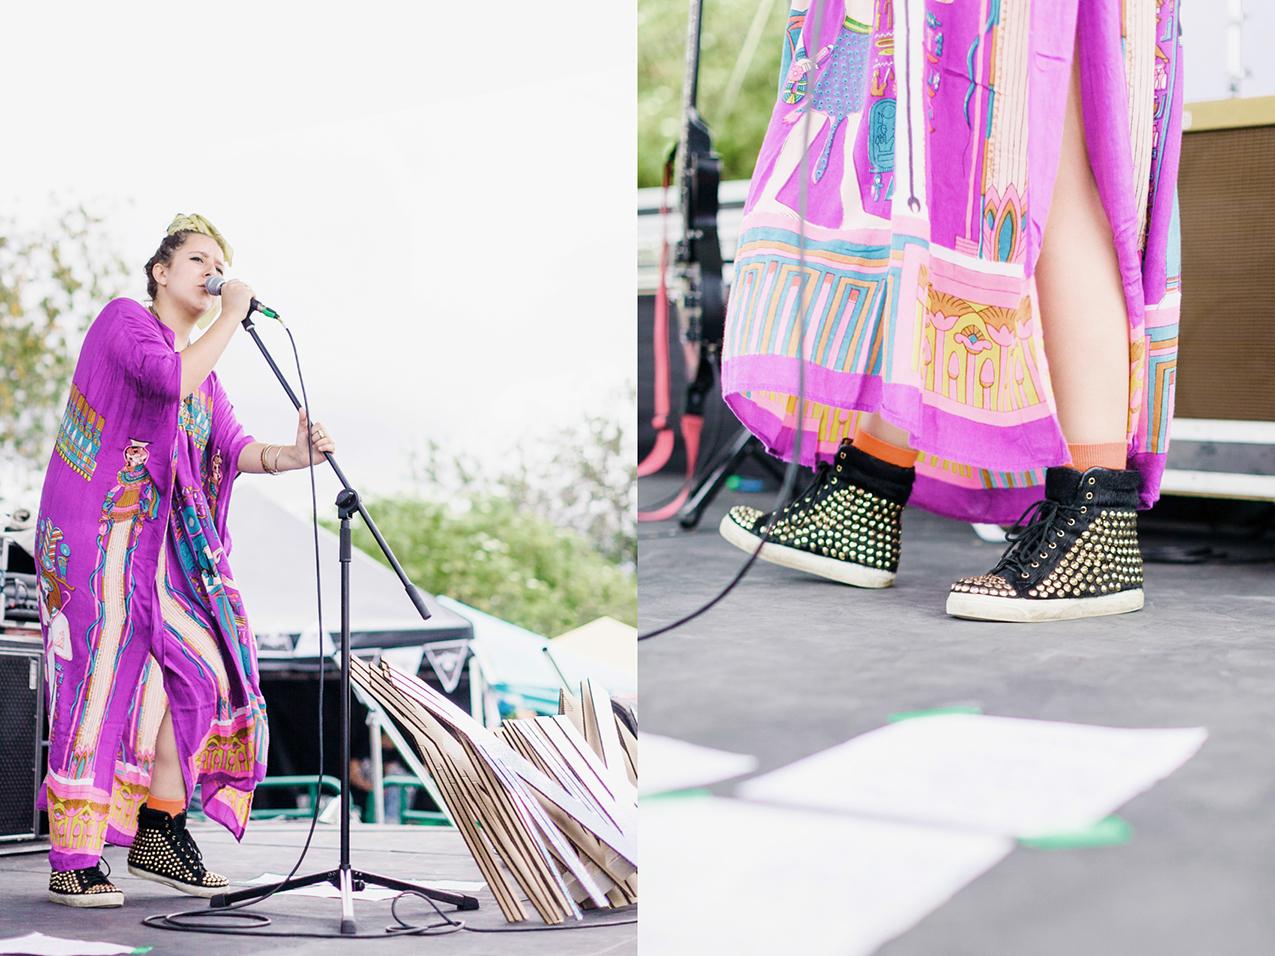 NIKA__fotografia-eventos-fiestas-conciertos-musica-colombia-bogota-4.jpg